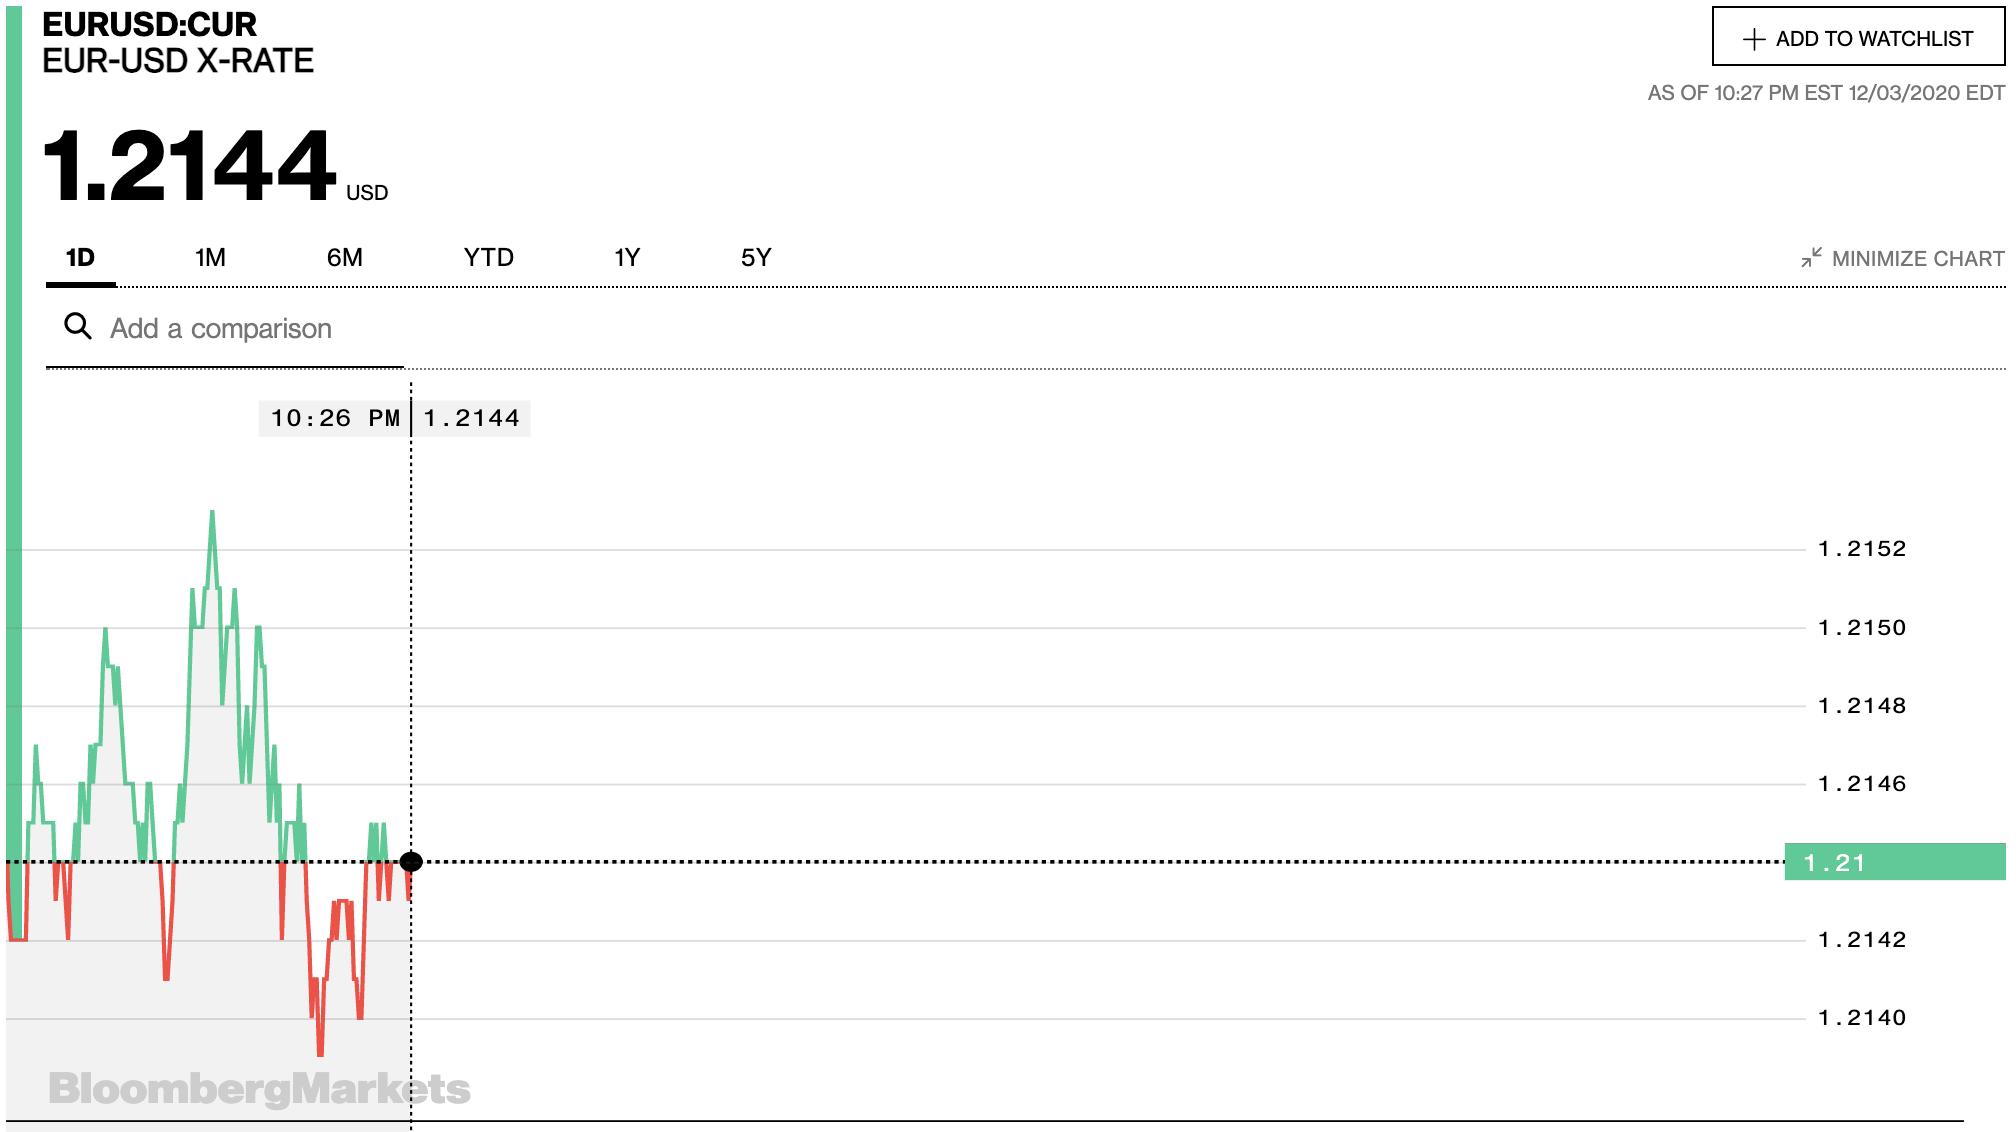 Tỷ giá euro hôm nay 4/12: Tiếp tục tăng đồng loạt tại các ngân hàng và thị trường chợ đen - Ảnh 2.